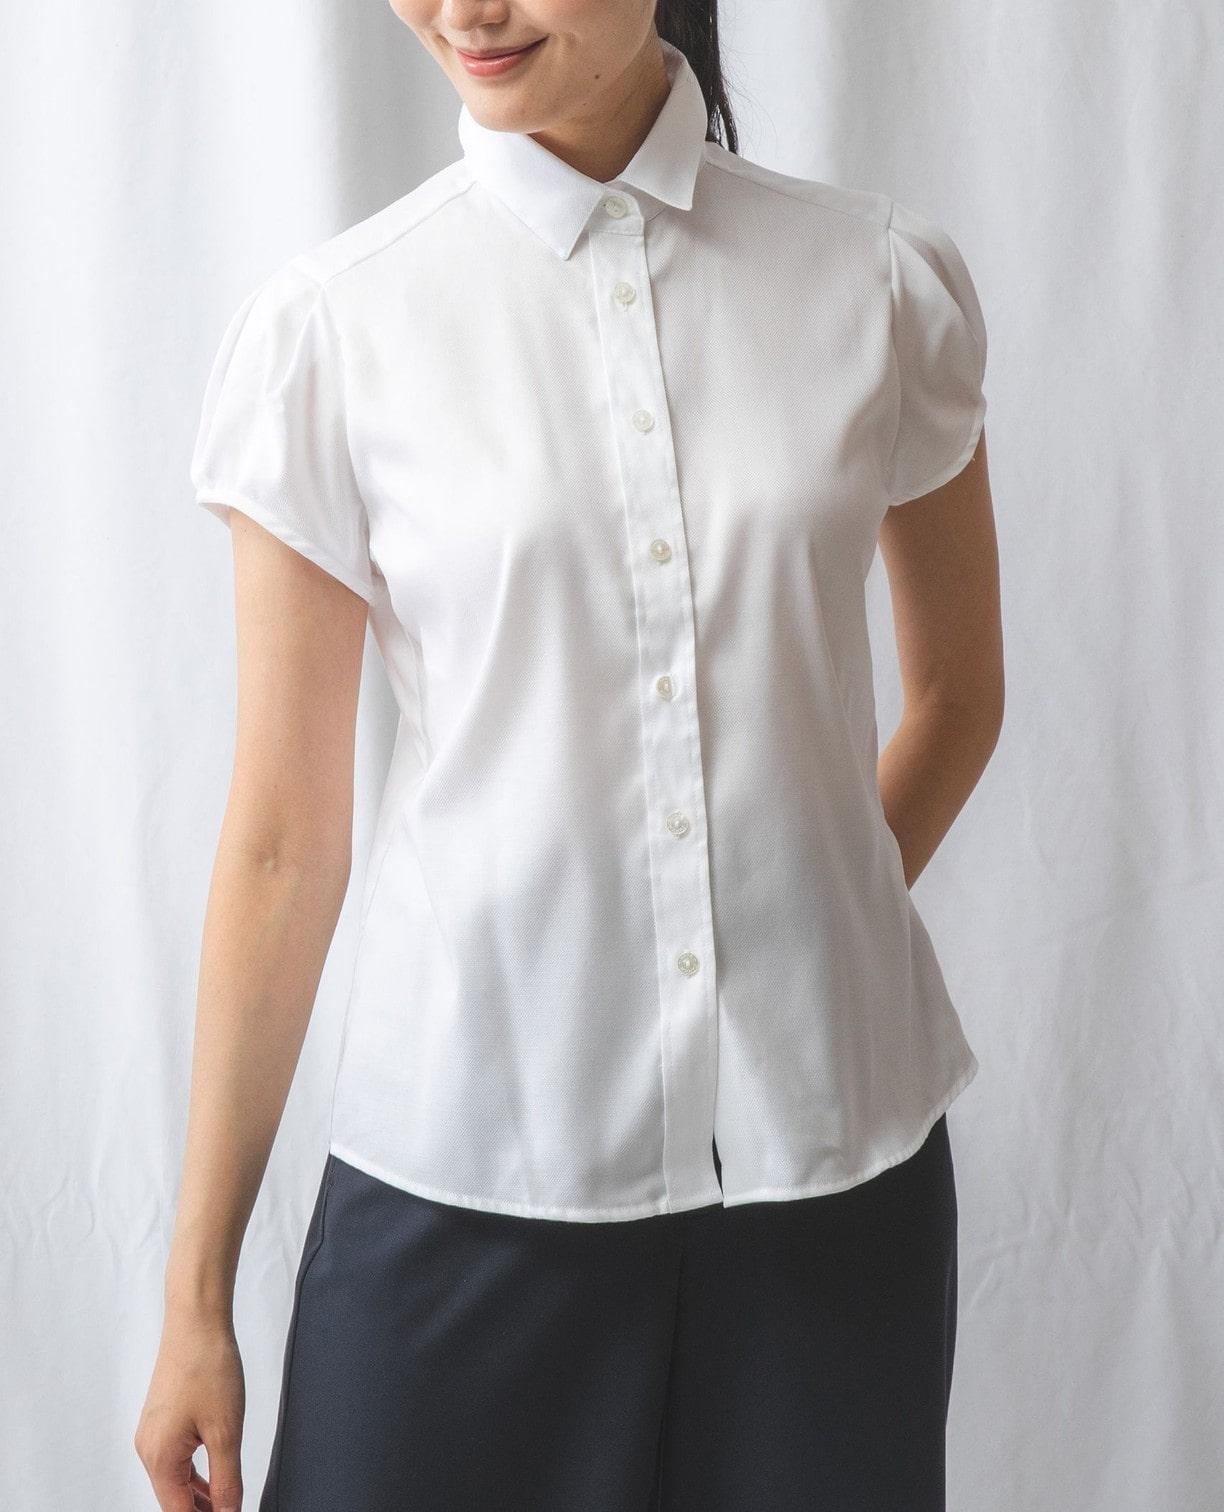 オックスベーシック半袖シャツ